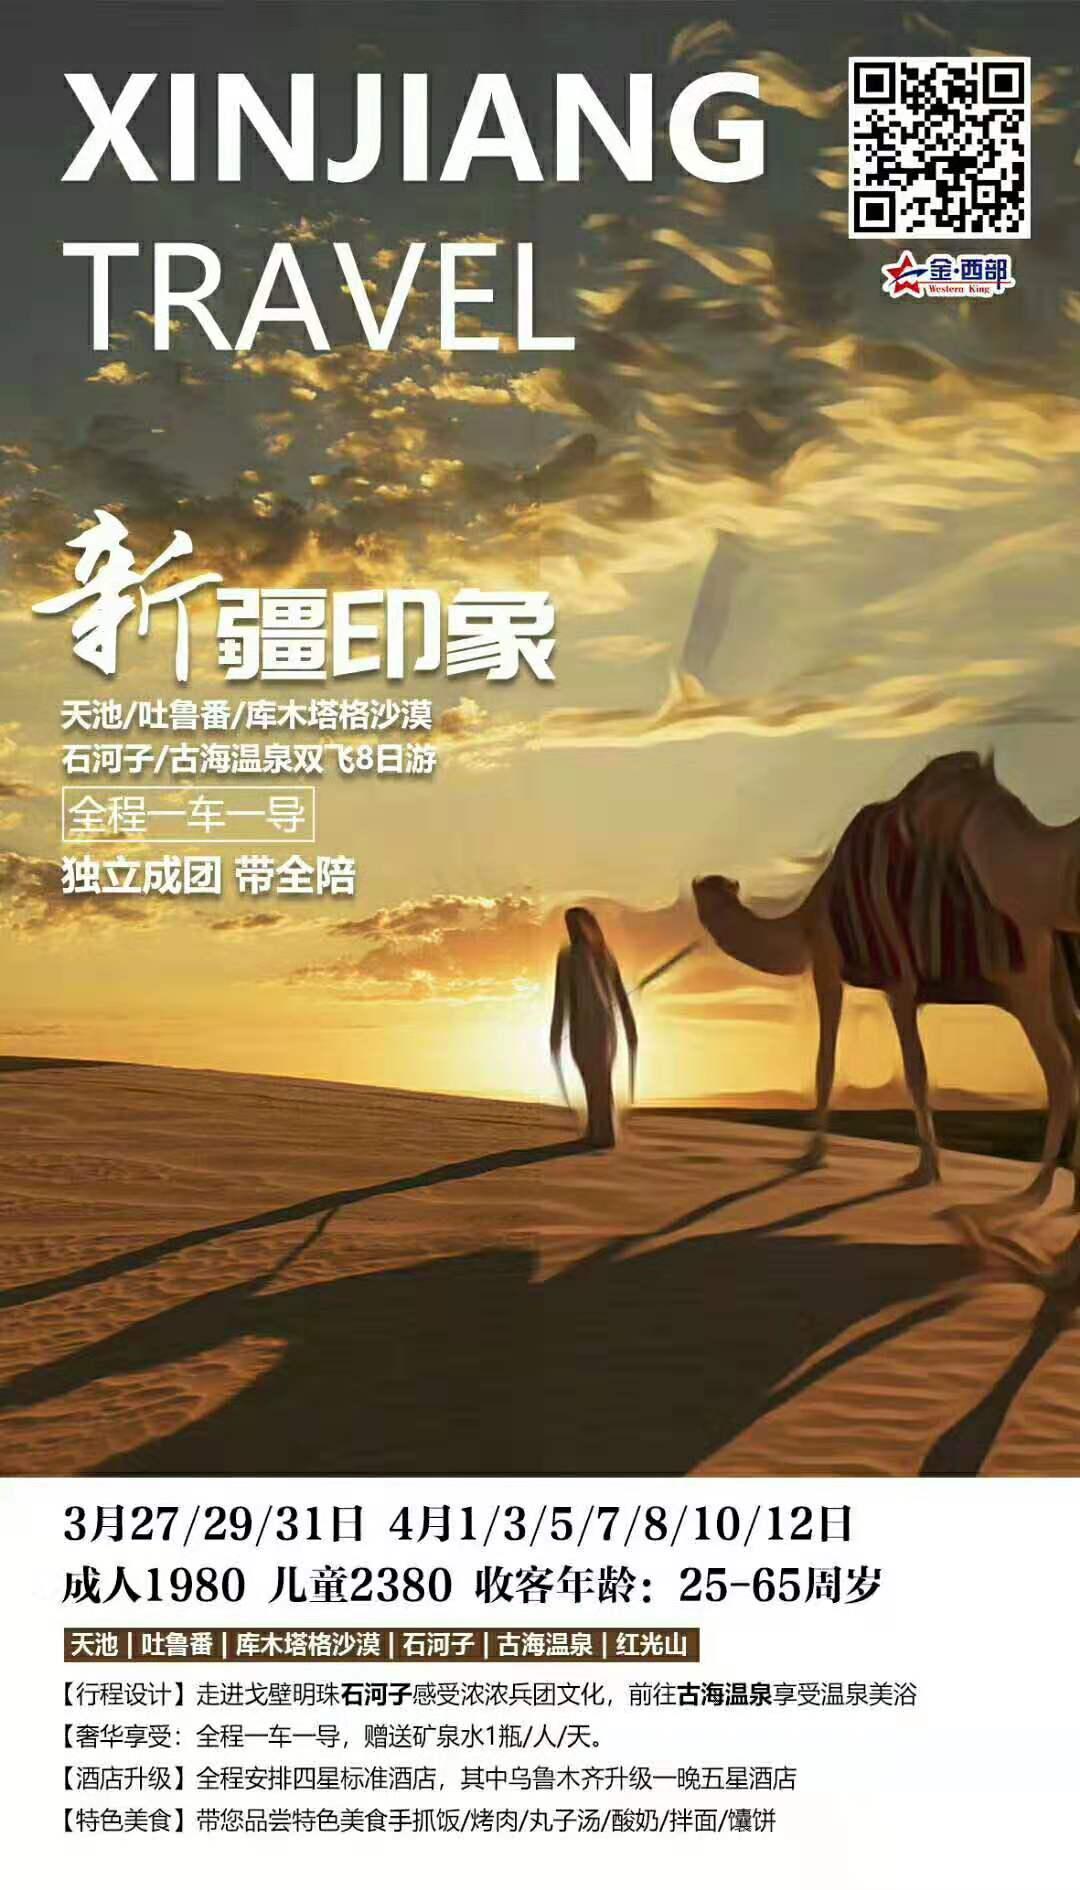 新疆印象 天池吐鲁番库木塔格沙漠石河子古海温泉双飞八日游